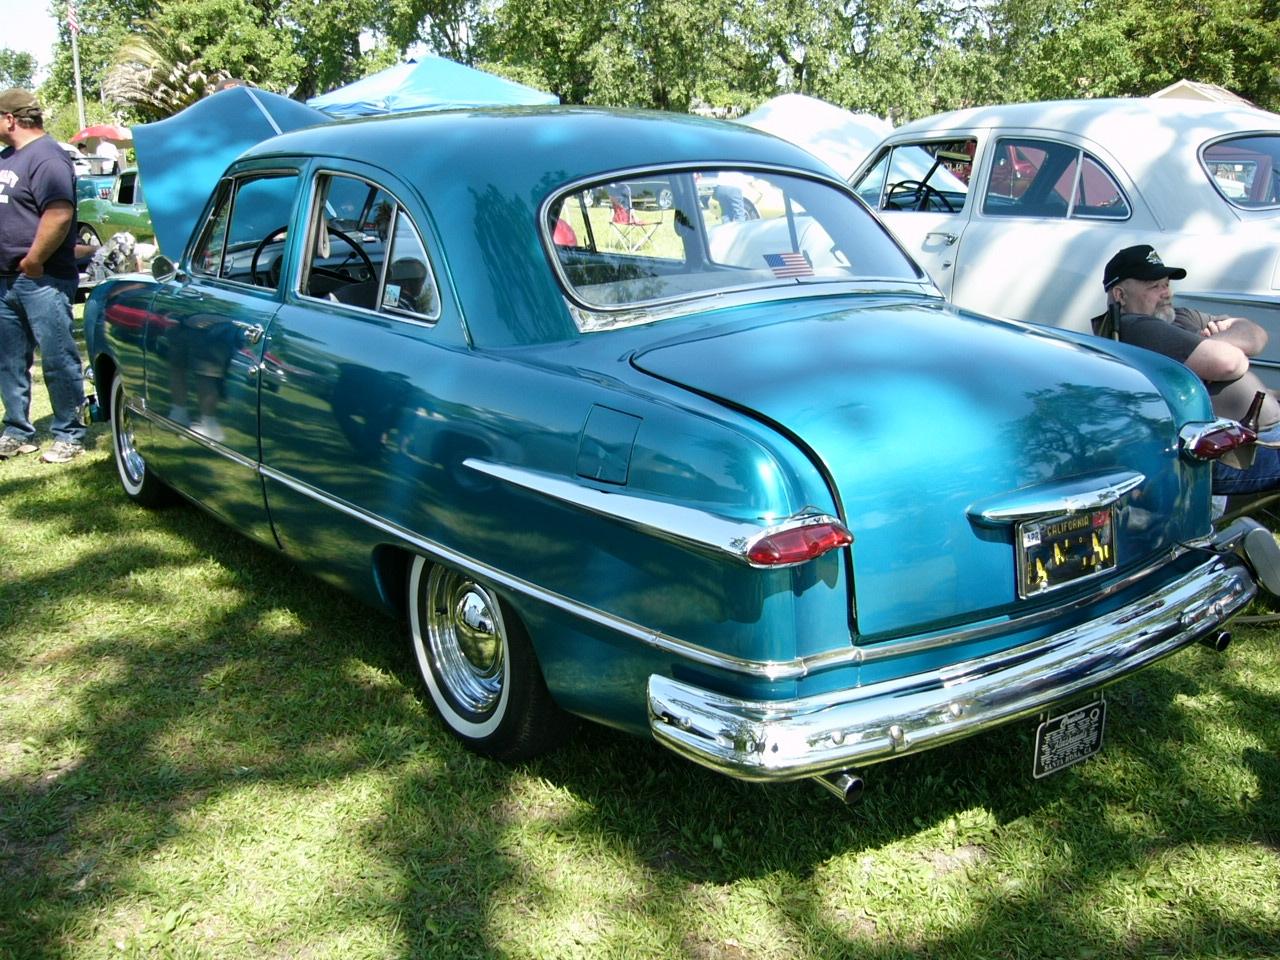 1951 Ford Custom 2 dr sedan by RoadTripDog